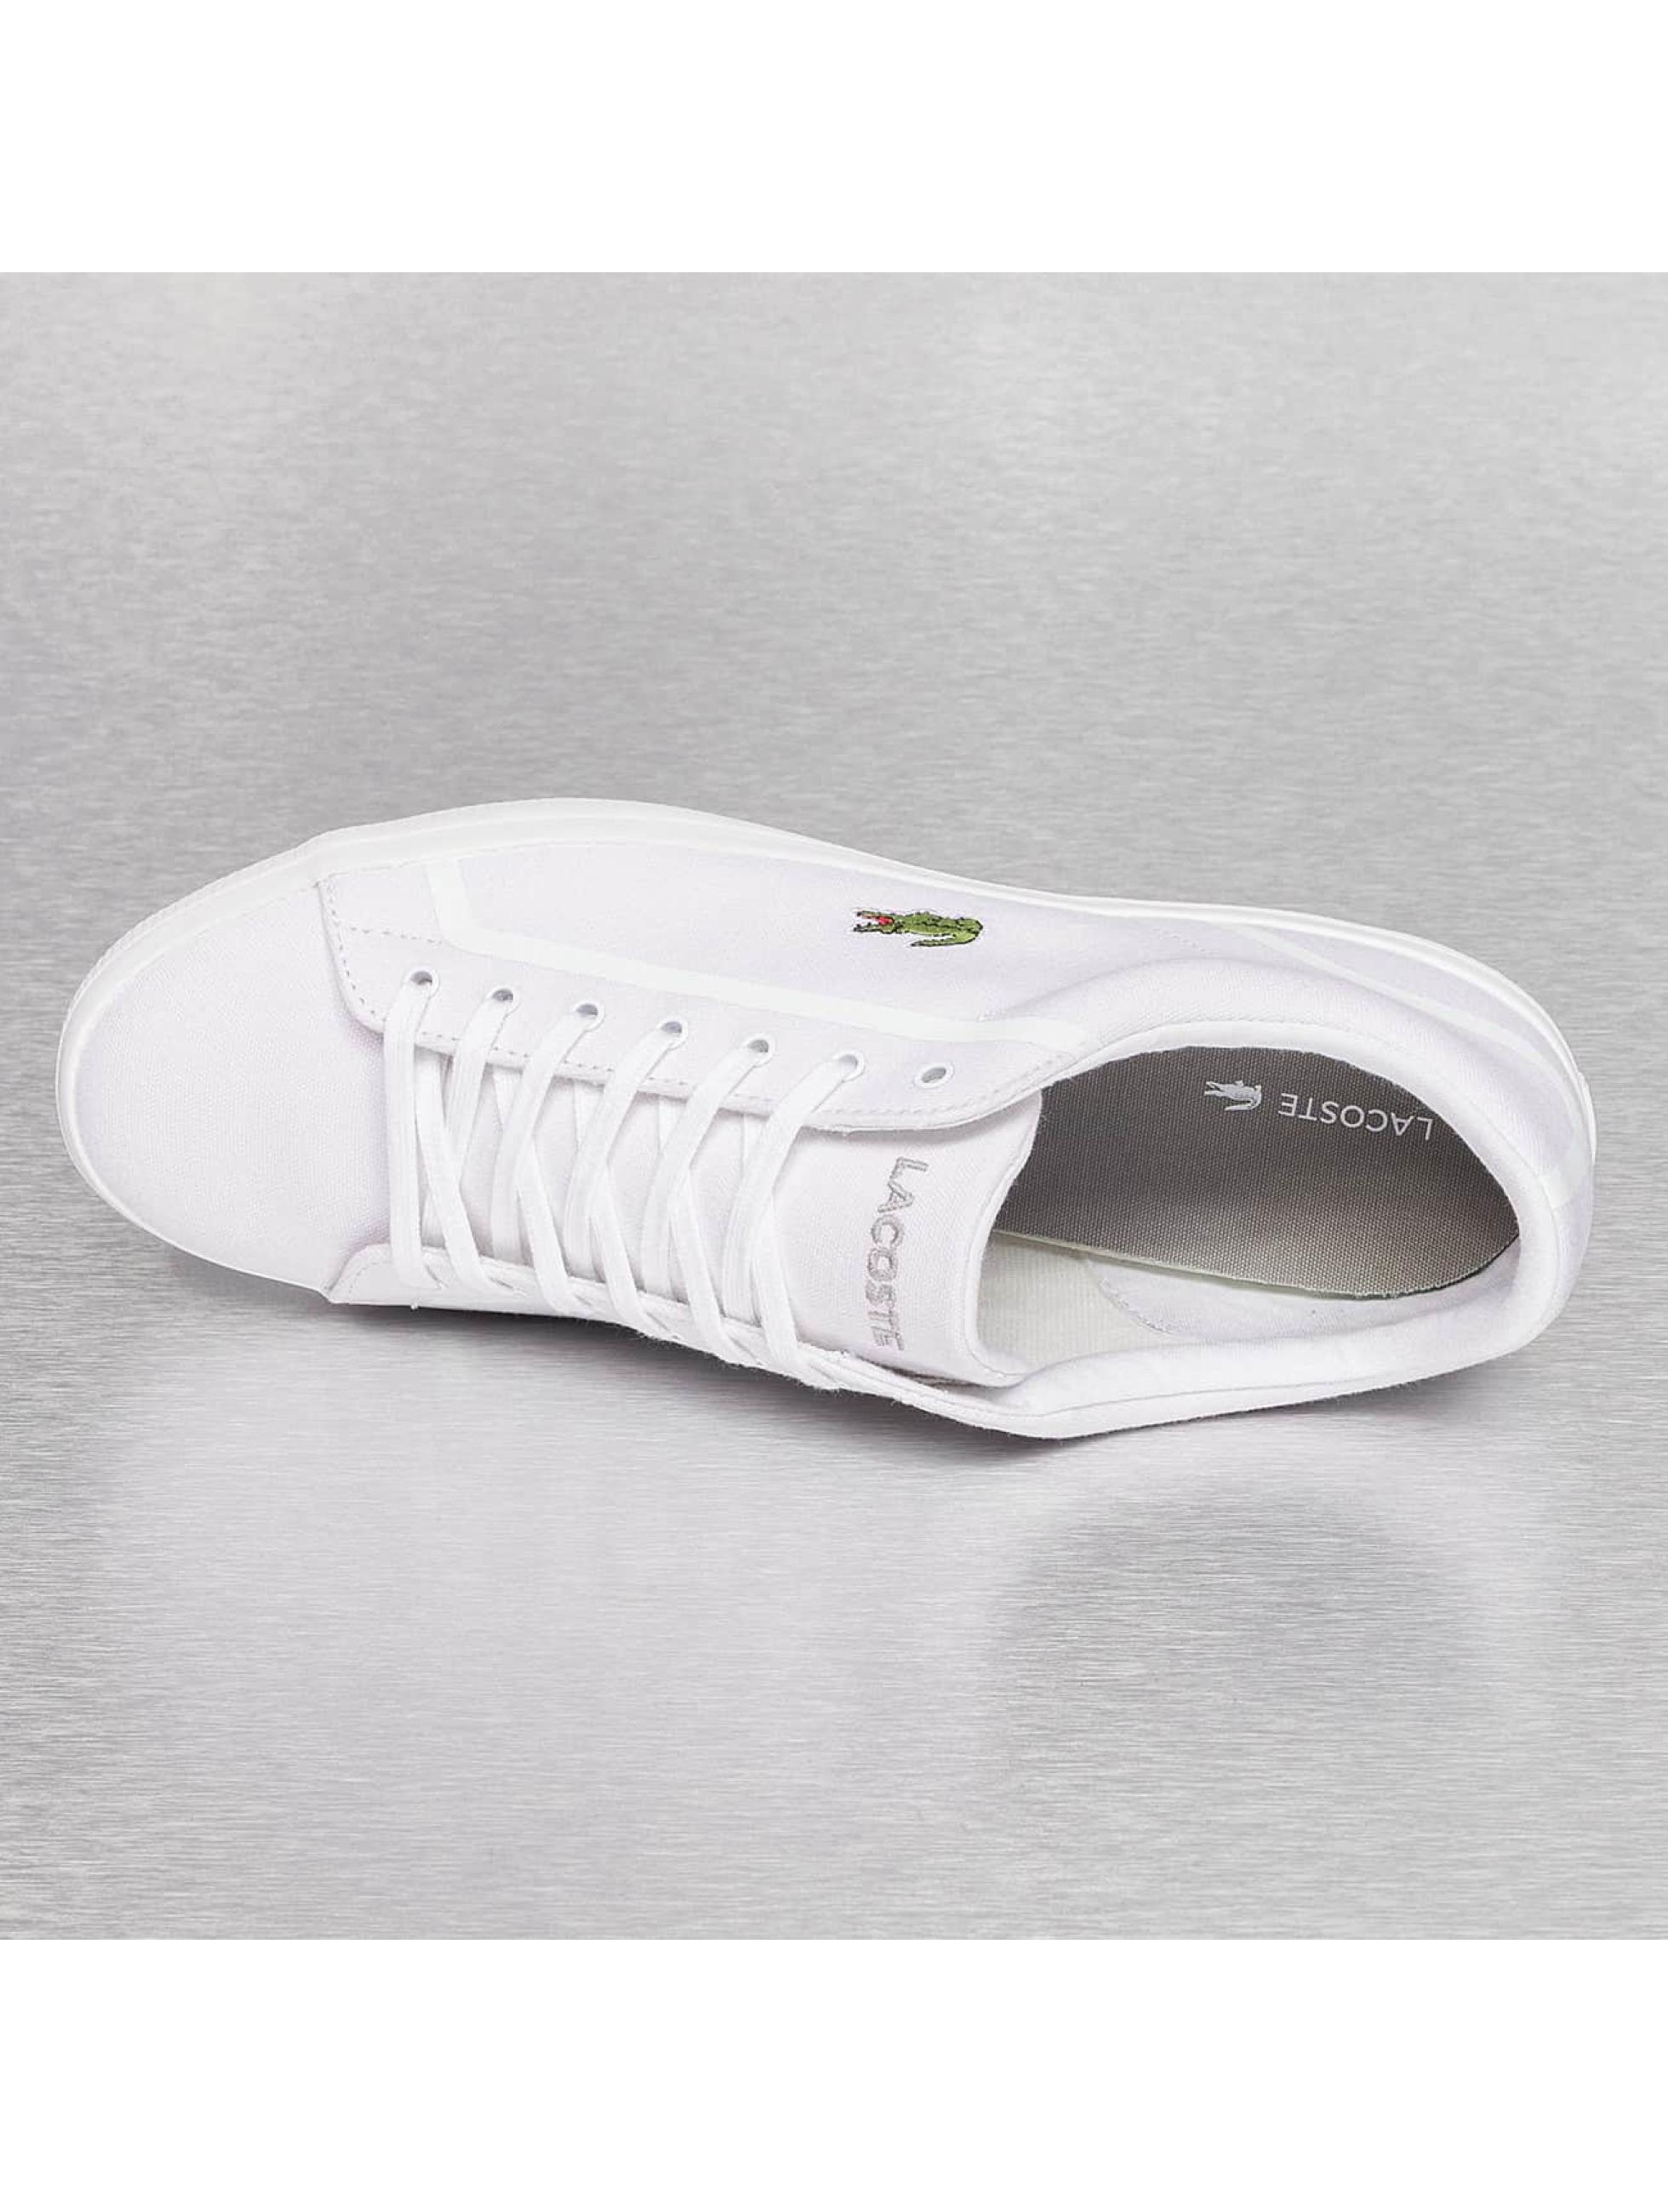 Lacoste sneaker Lerond 216 1 SPM wit